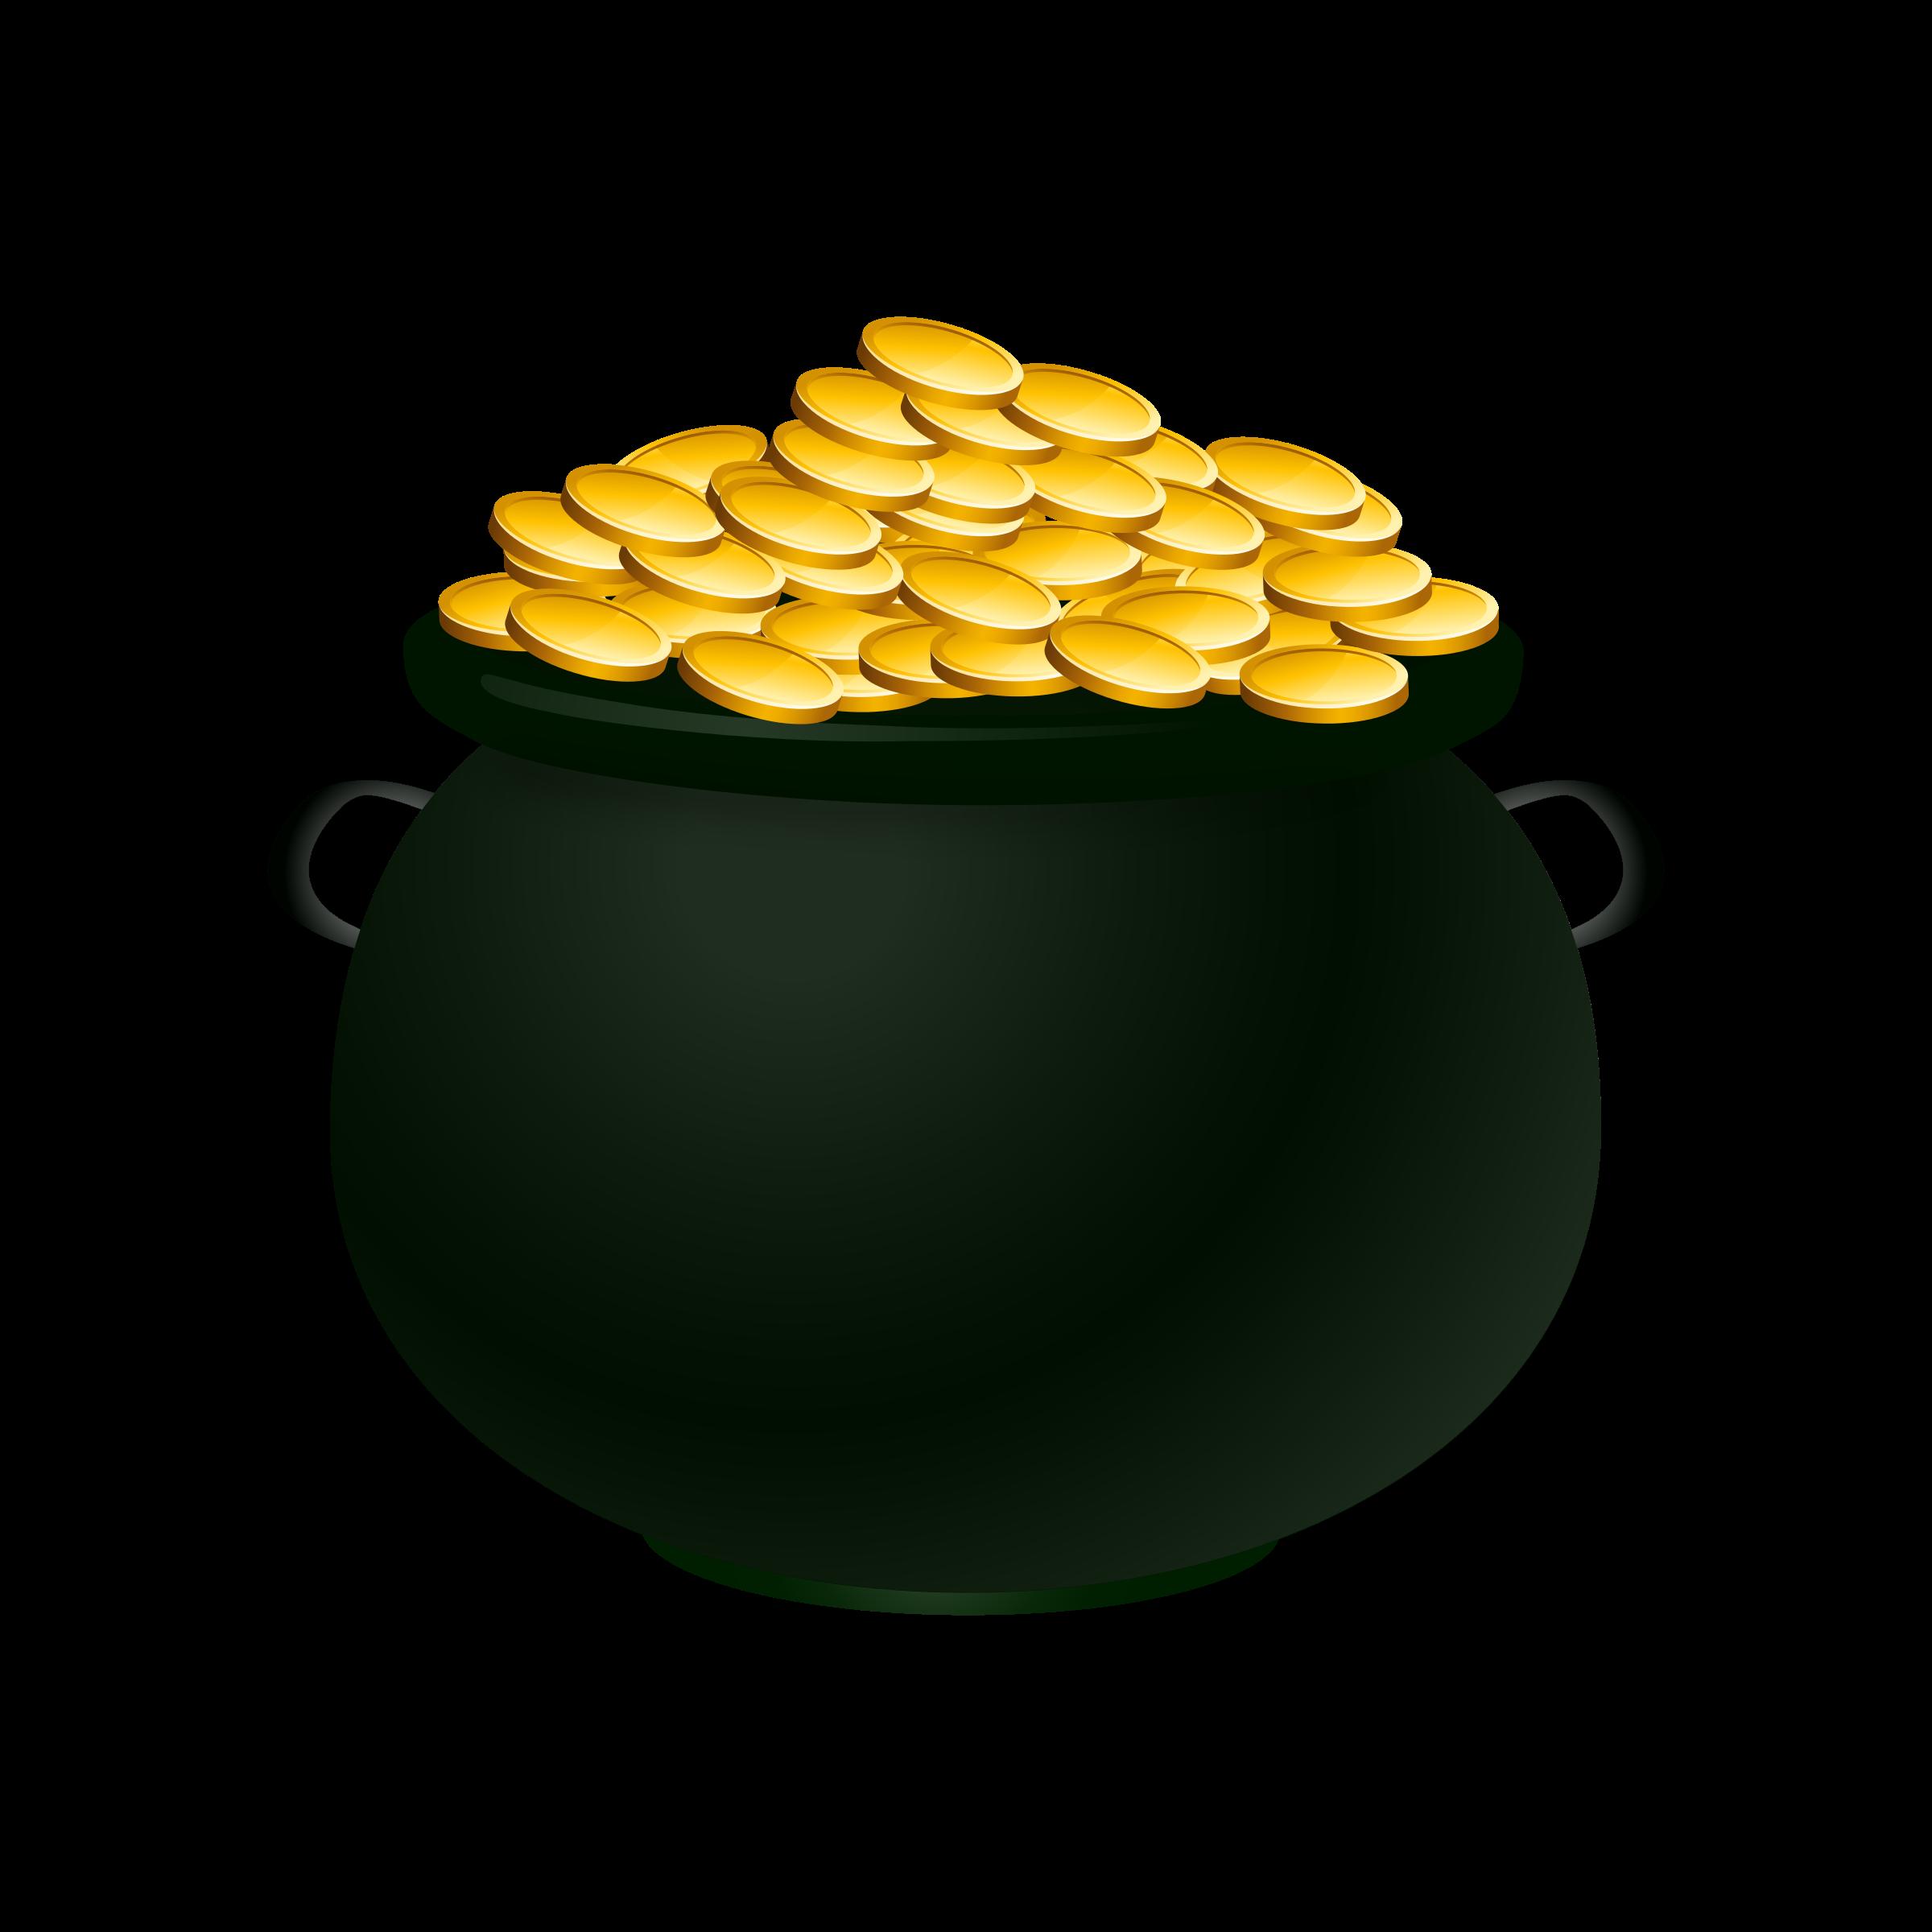 2400x2400 Pot Of Gold Clip Art Many Interesting Cliparts